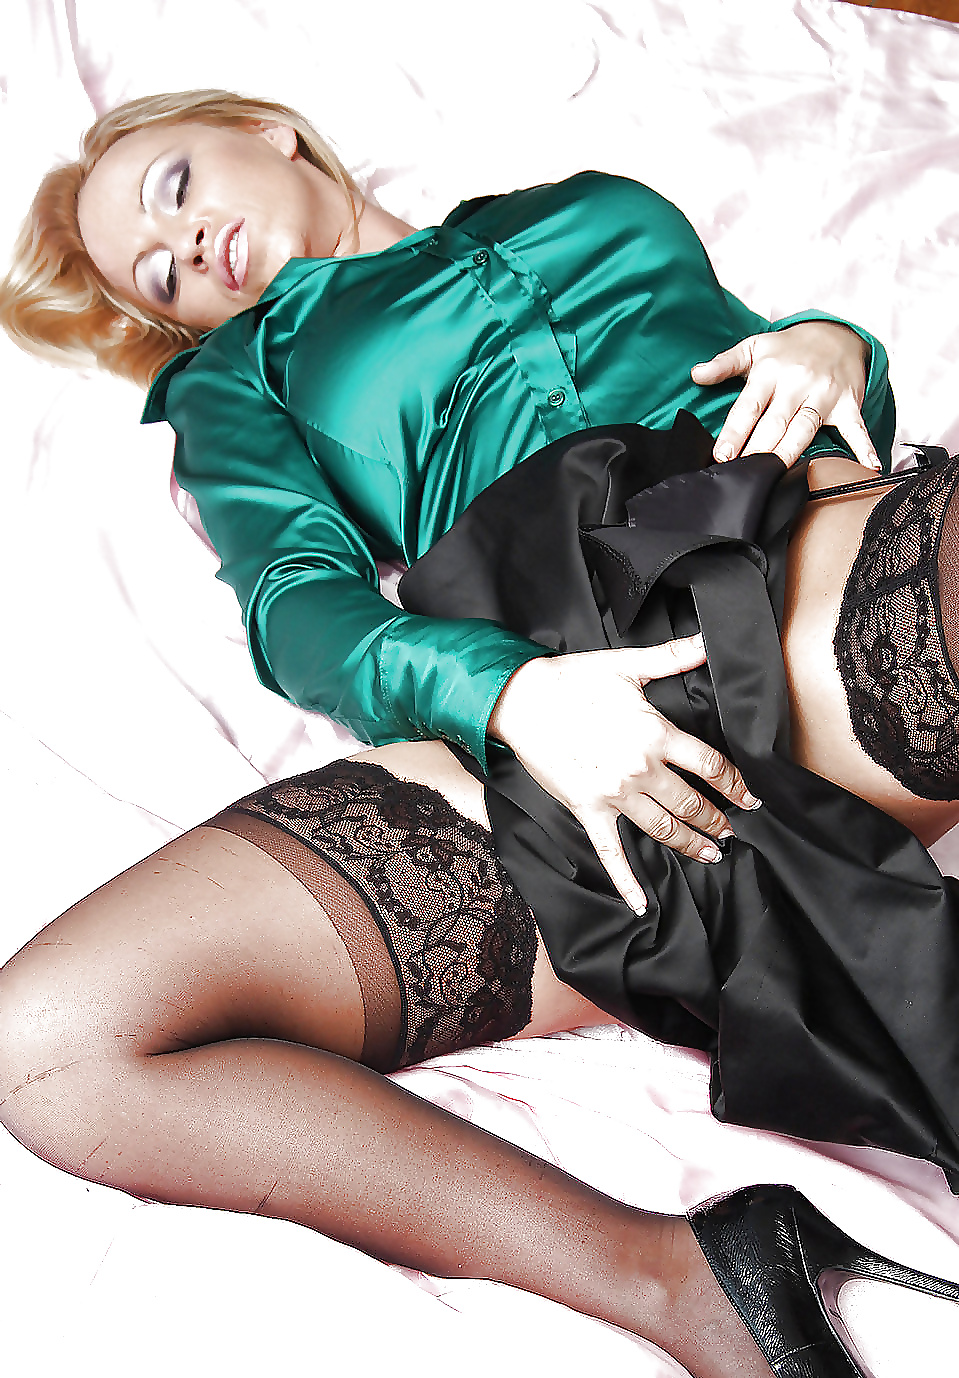 В шелковом платье ебут, бразильянки толстушки порно